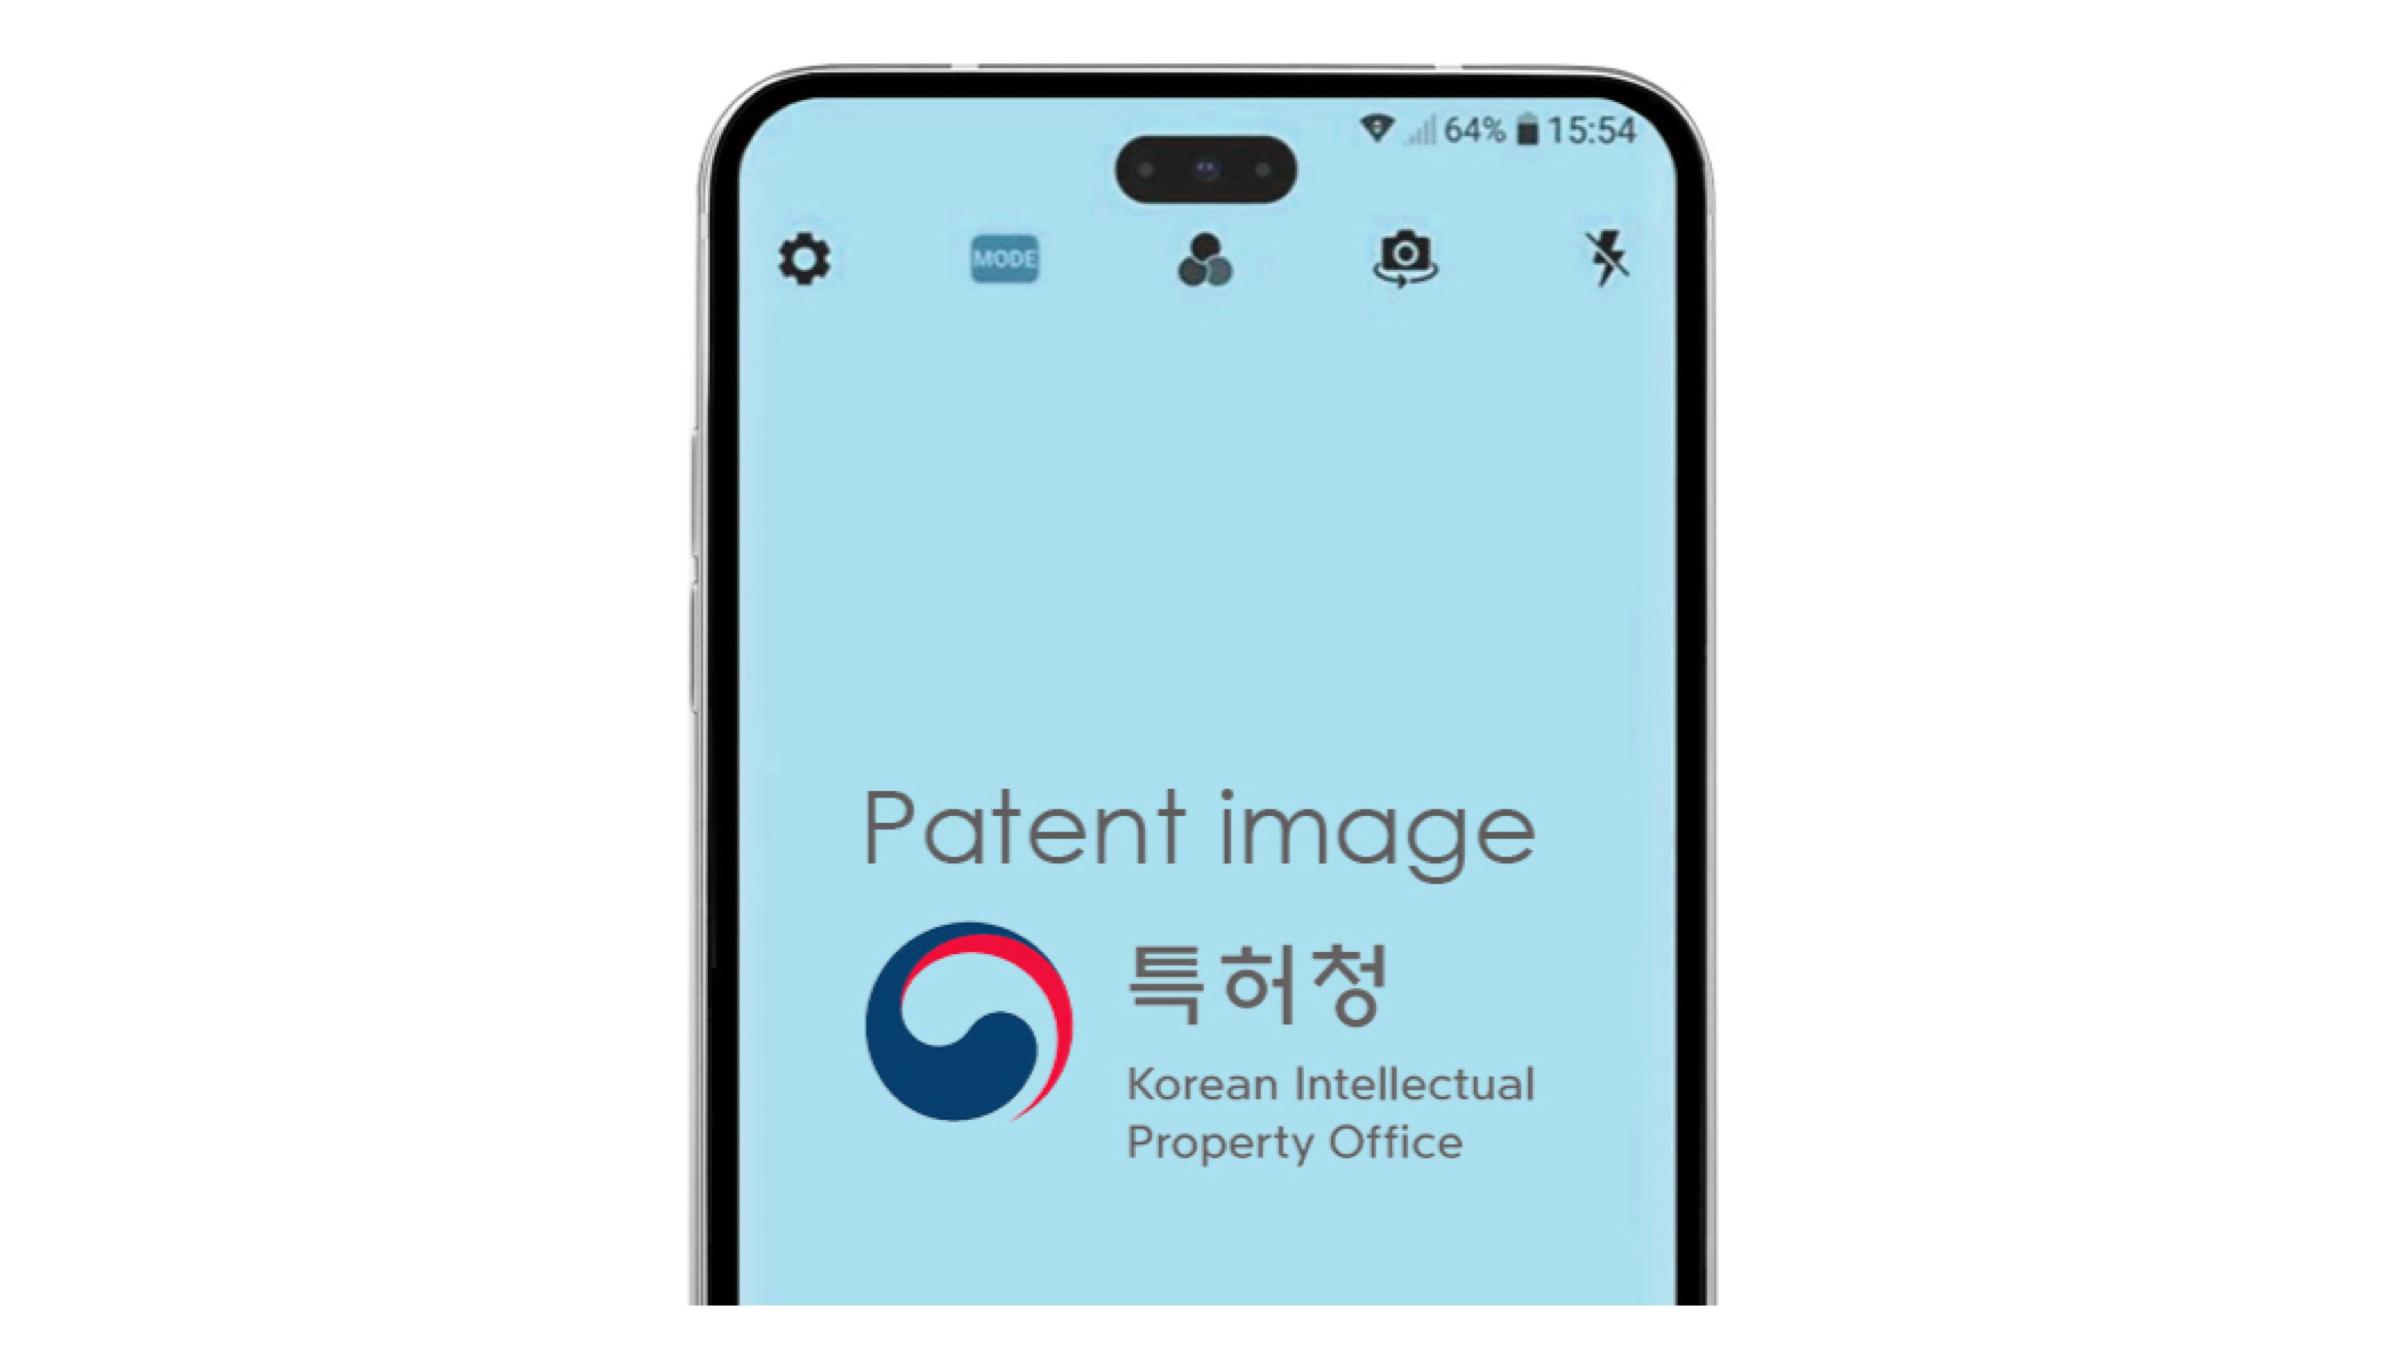 LG patentiert auch ein Smartphone mit unsichtbarer Selfie-Kamera, das bald auf den Markt kommen könnte